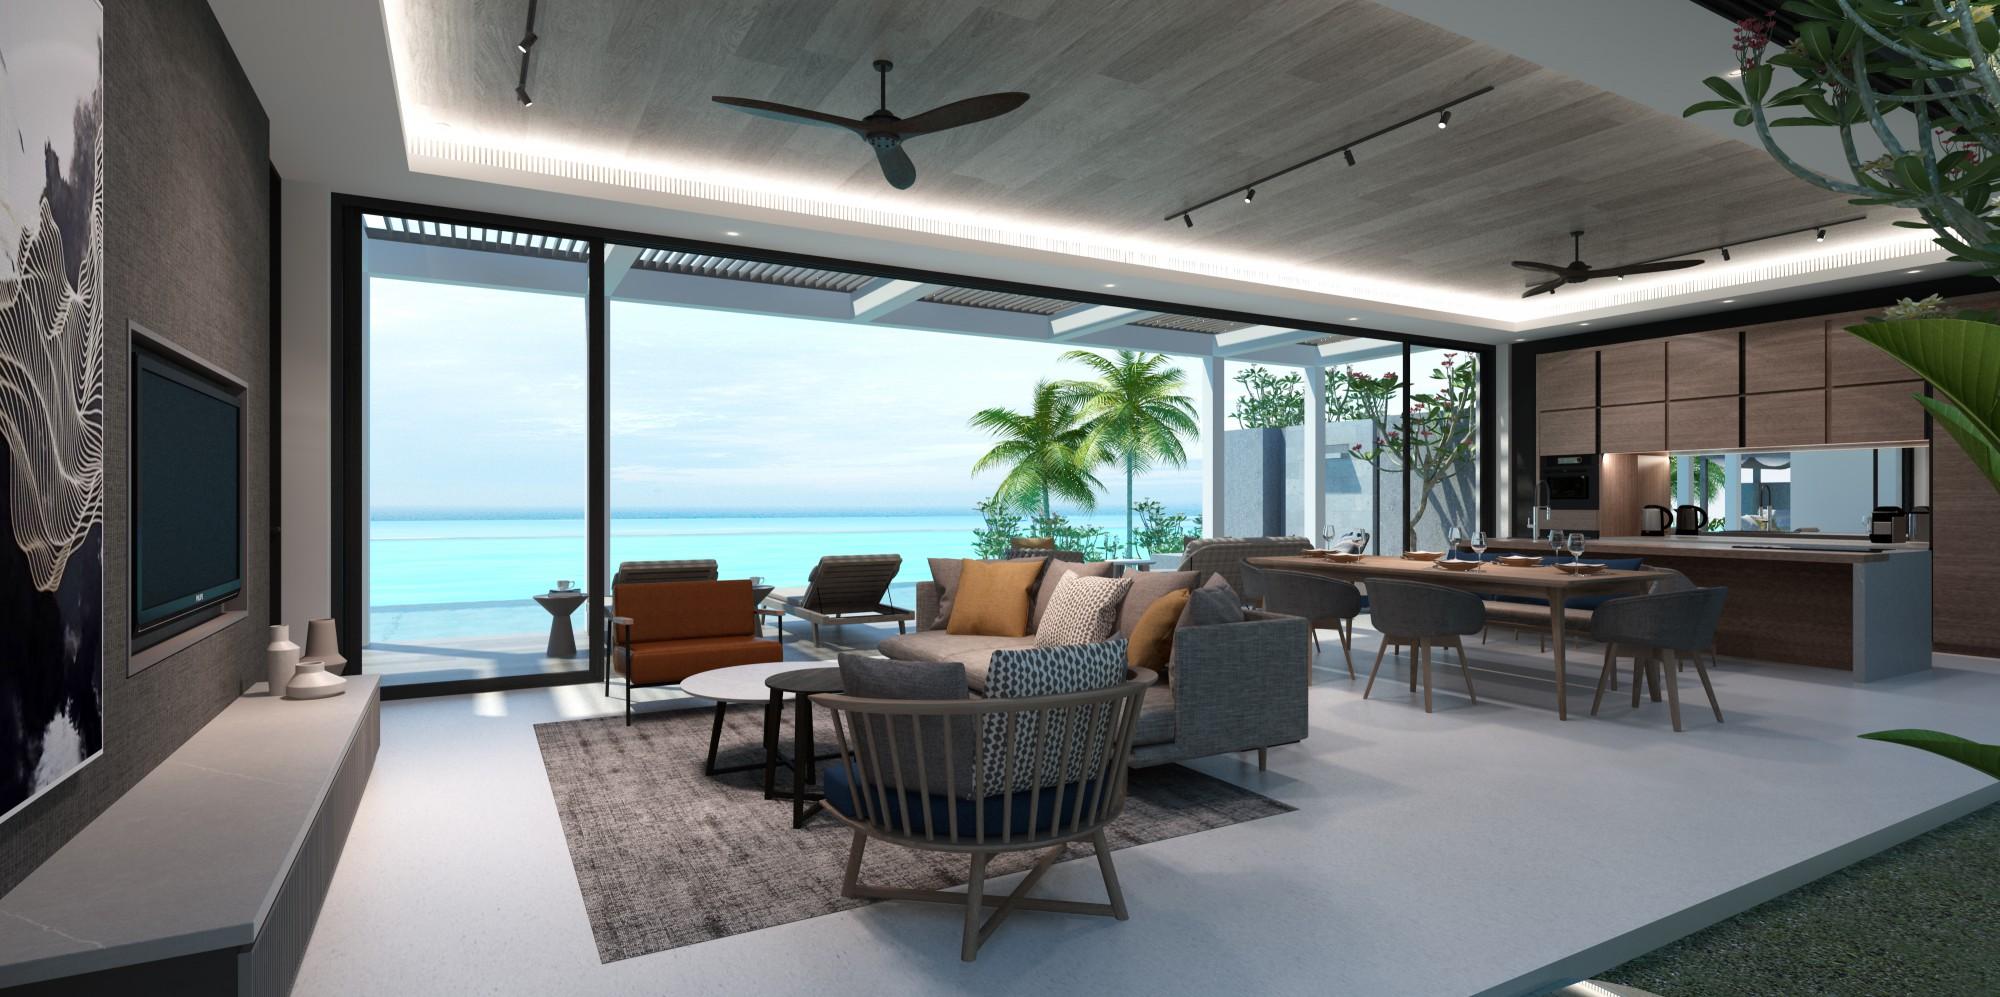 https://www.otdesign.com/wp-content/uploads/2020/11/OTdesign_Mandarin_Oriental_Bali_Residences_livingroom-3a.jpg